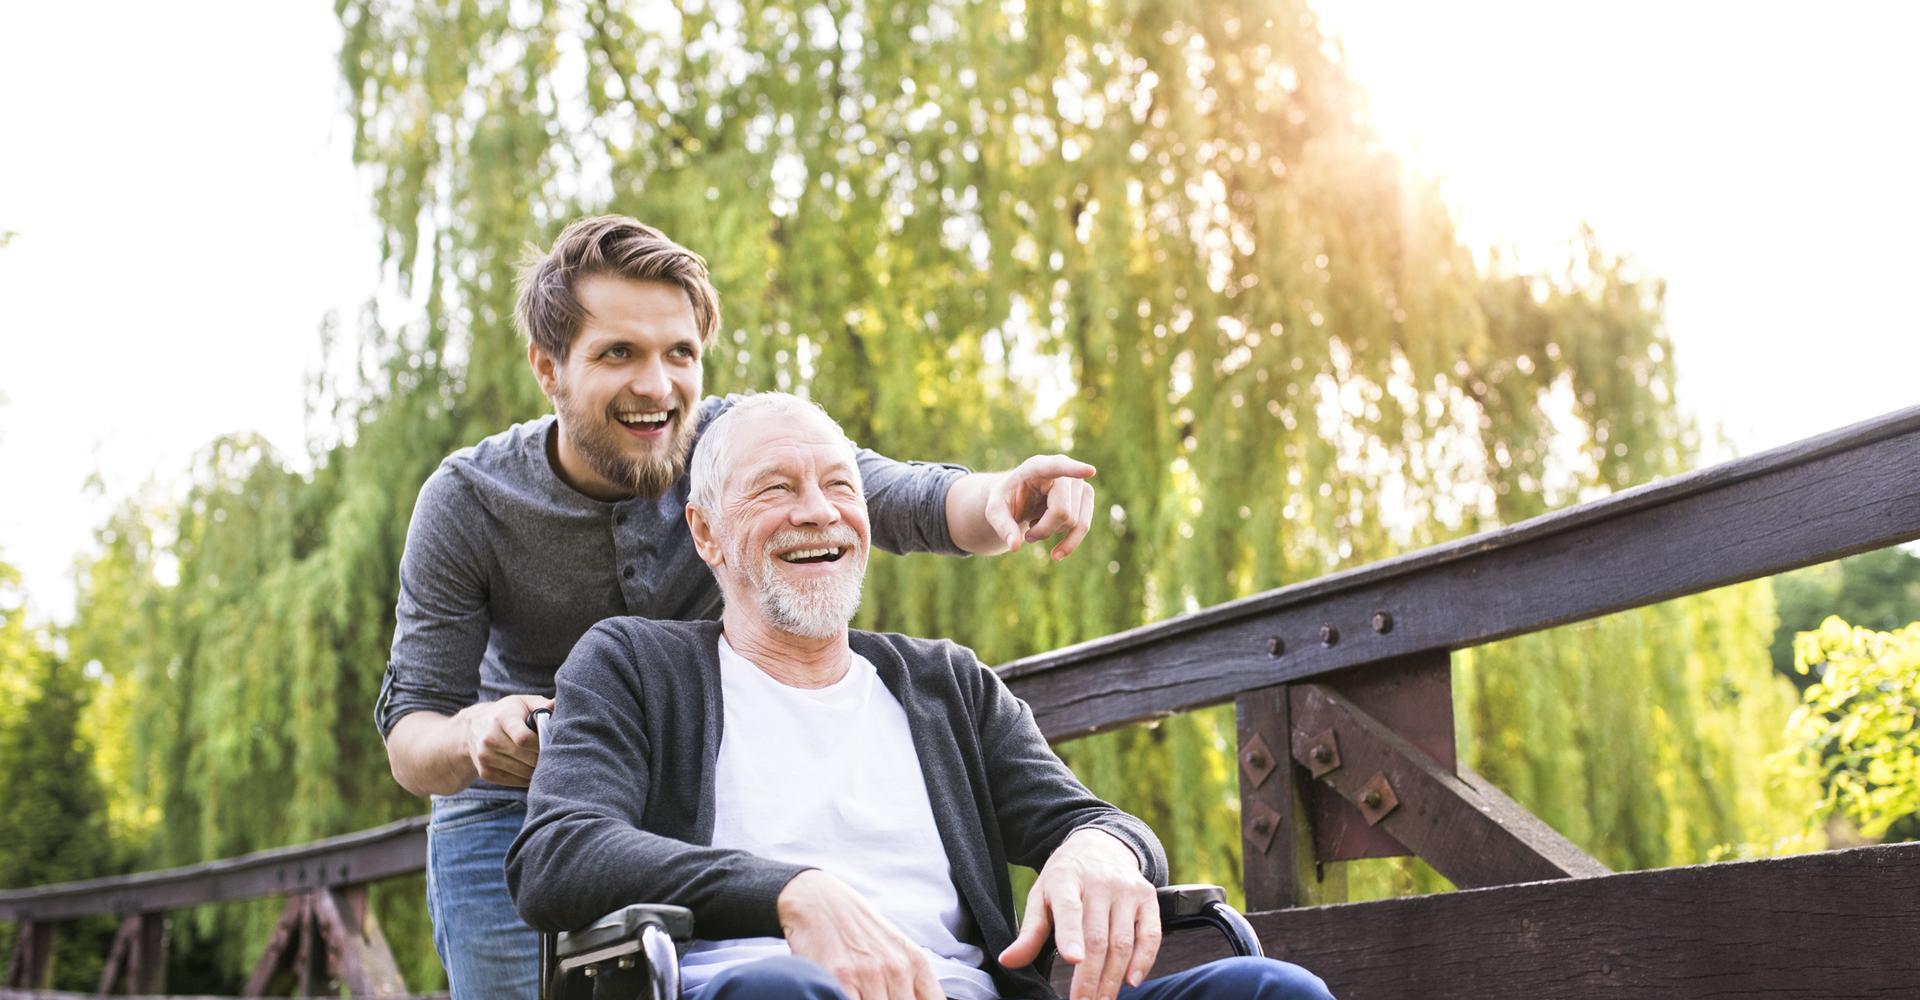 Junger Mann schiebt Rolltstuhl mit altem Mannn